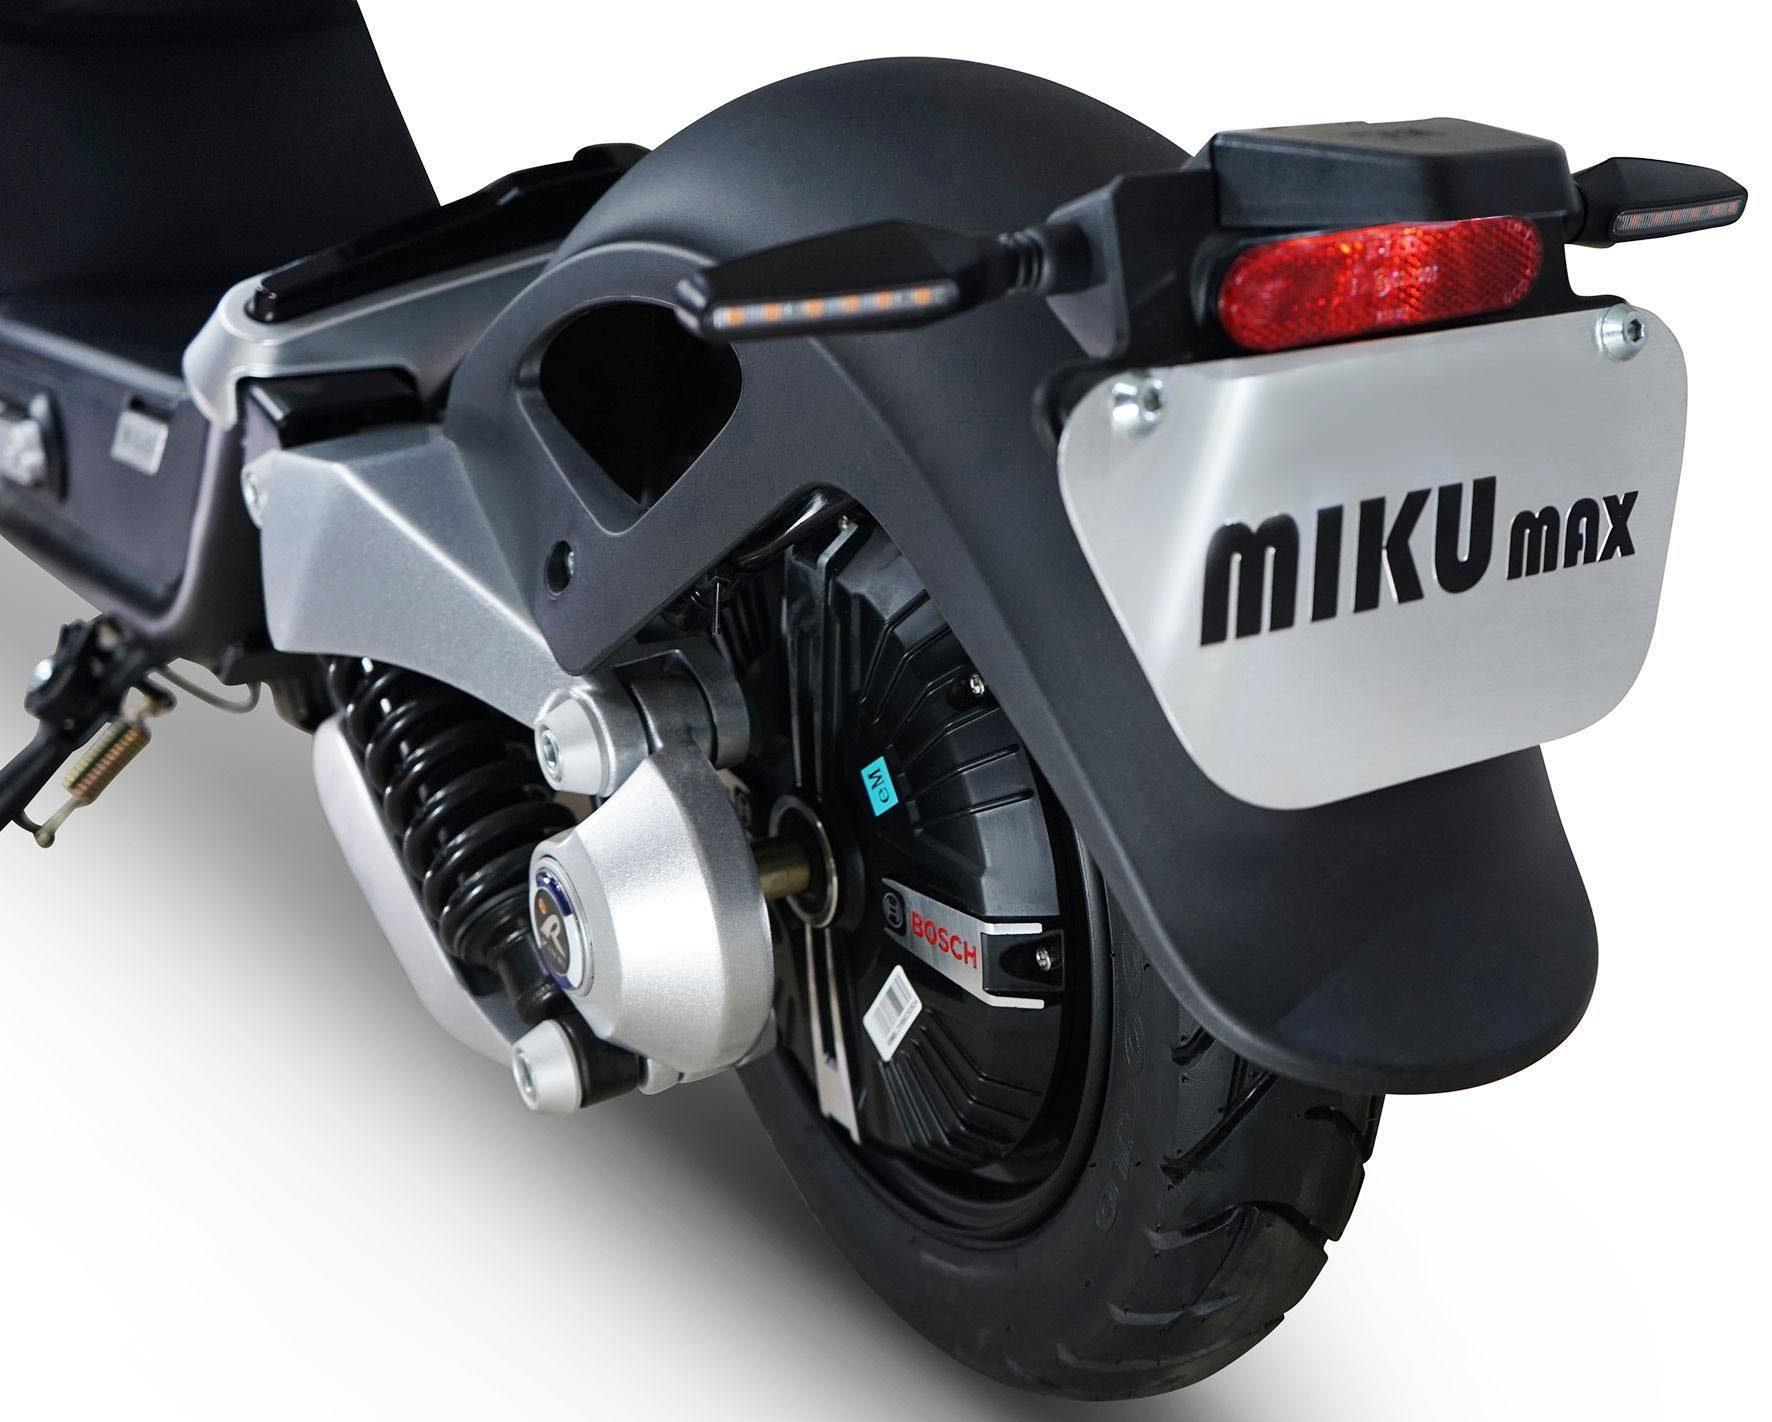 Miku Max hinterrad motor